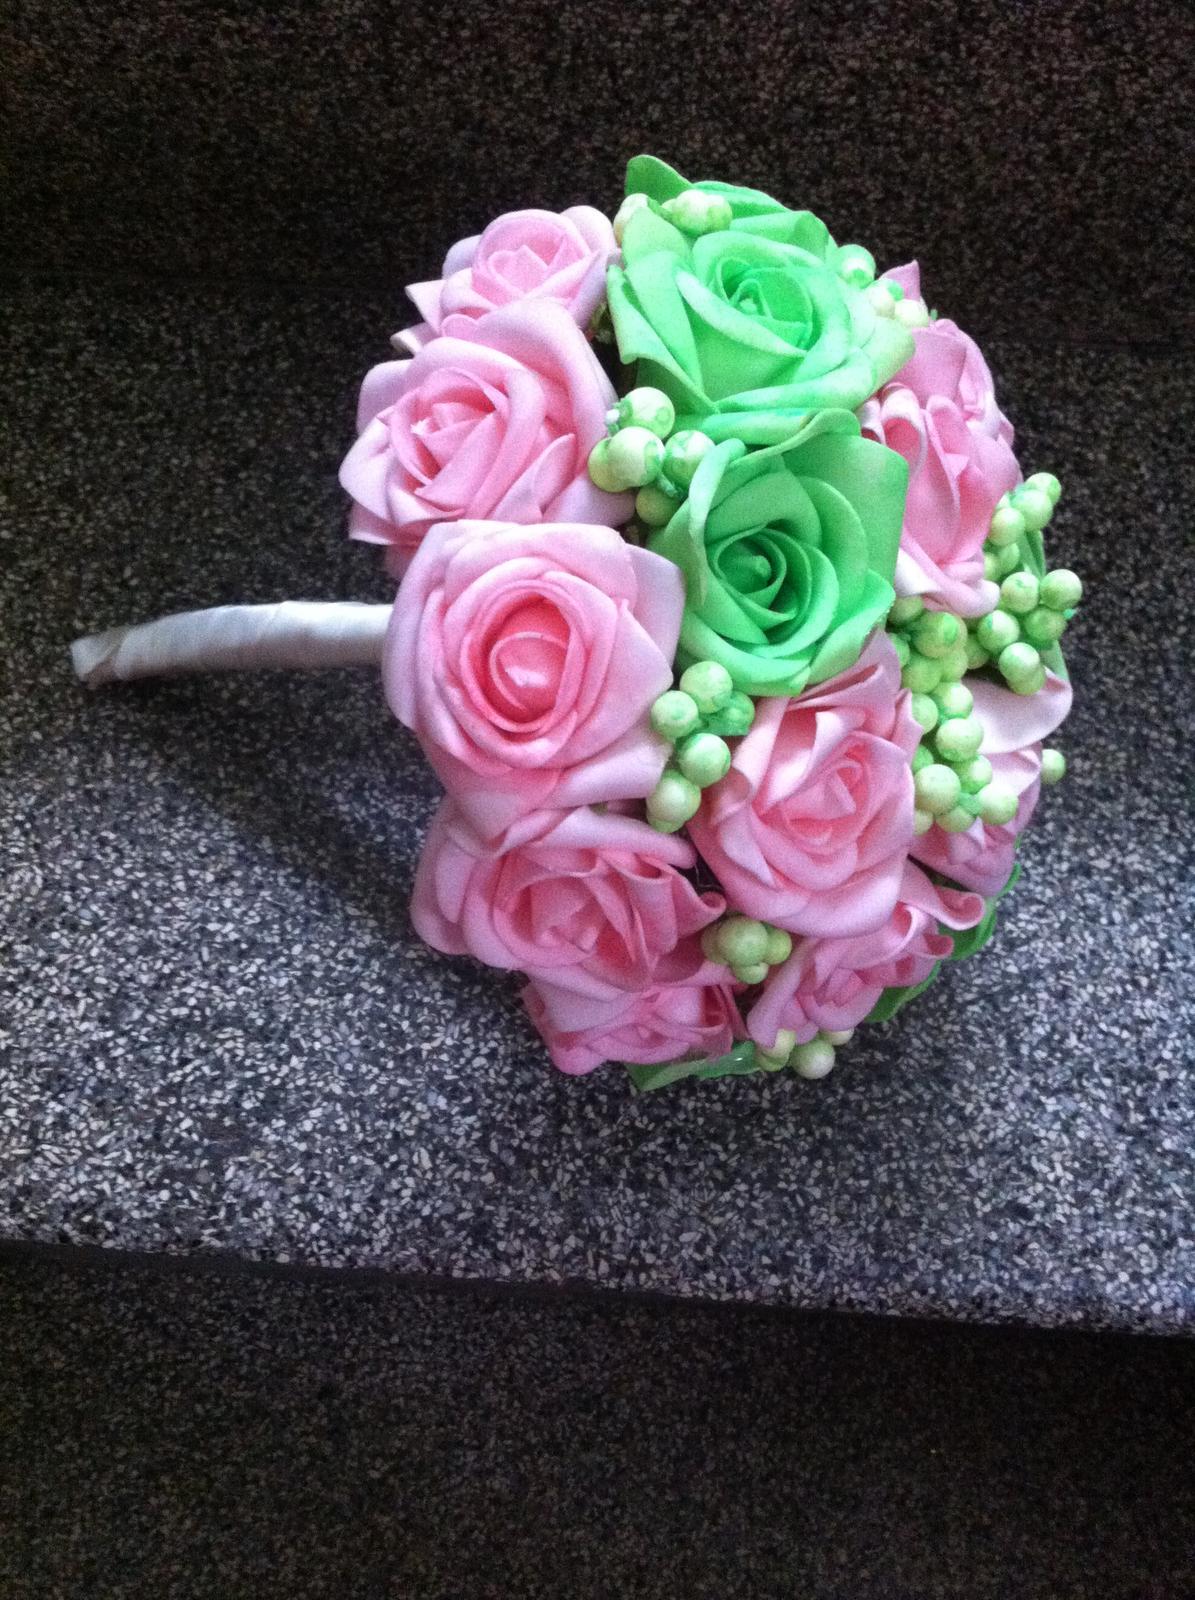 Netradiční svatební kytice - pěnové růžičky + polštářky pod prstýnky, košíčky - Obrázek č. 69